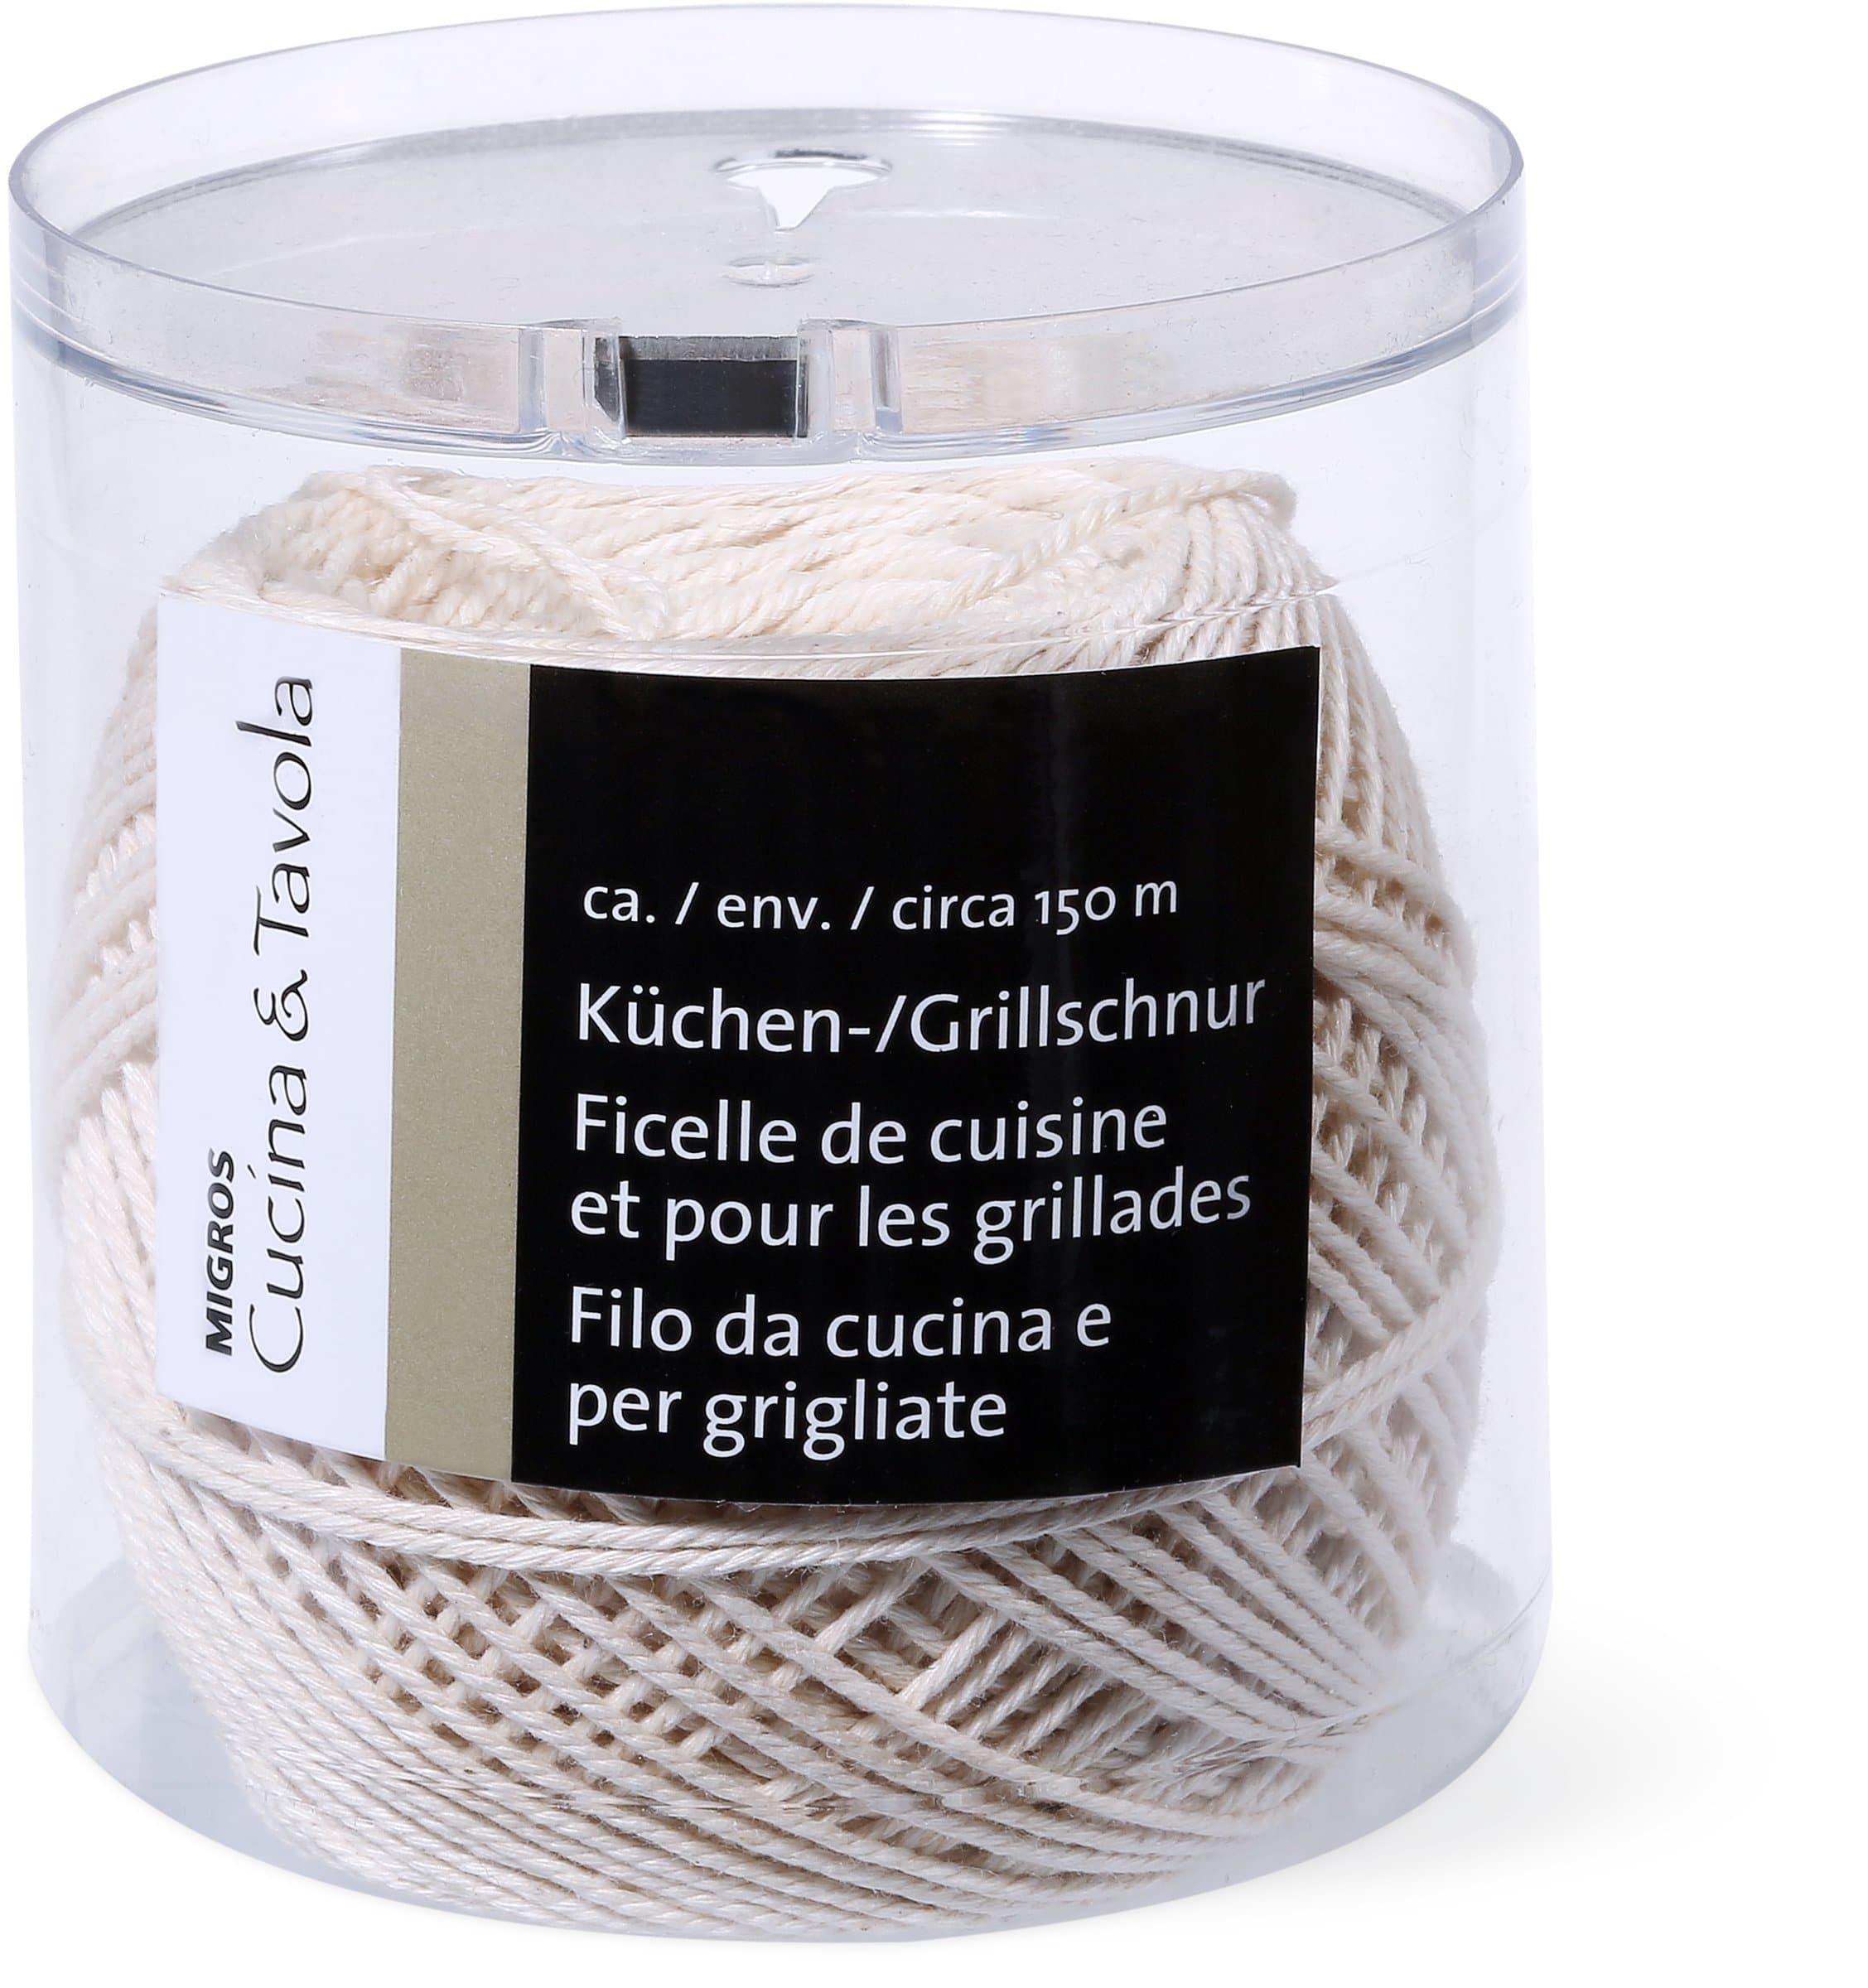 Cucina & Tavola Ficelle de cuisine et pour les grillades